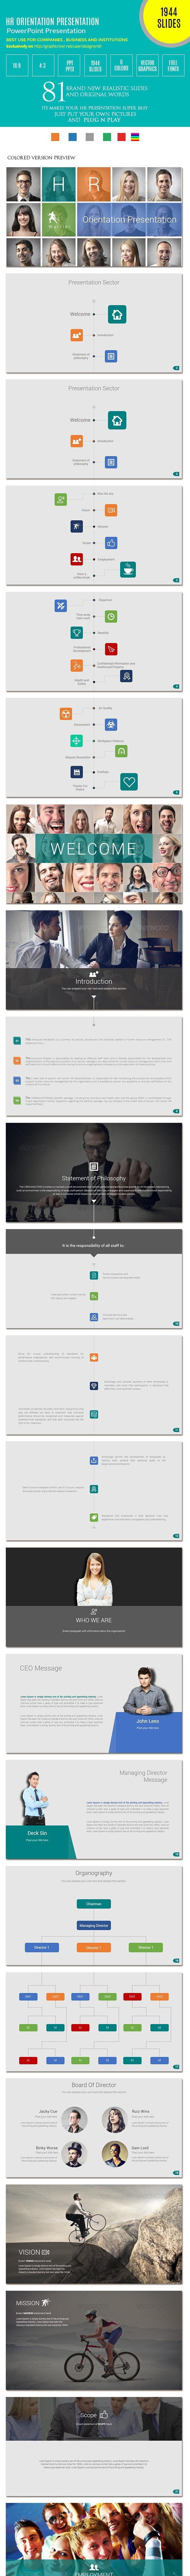 HR/Employee Orientation Presentation by designsmill | GraphicRiver